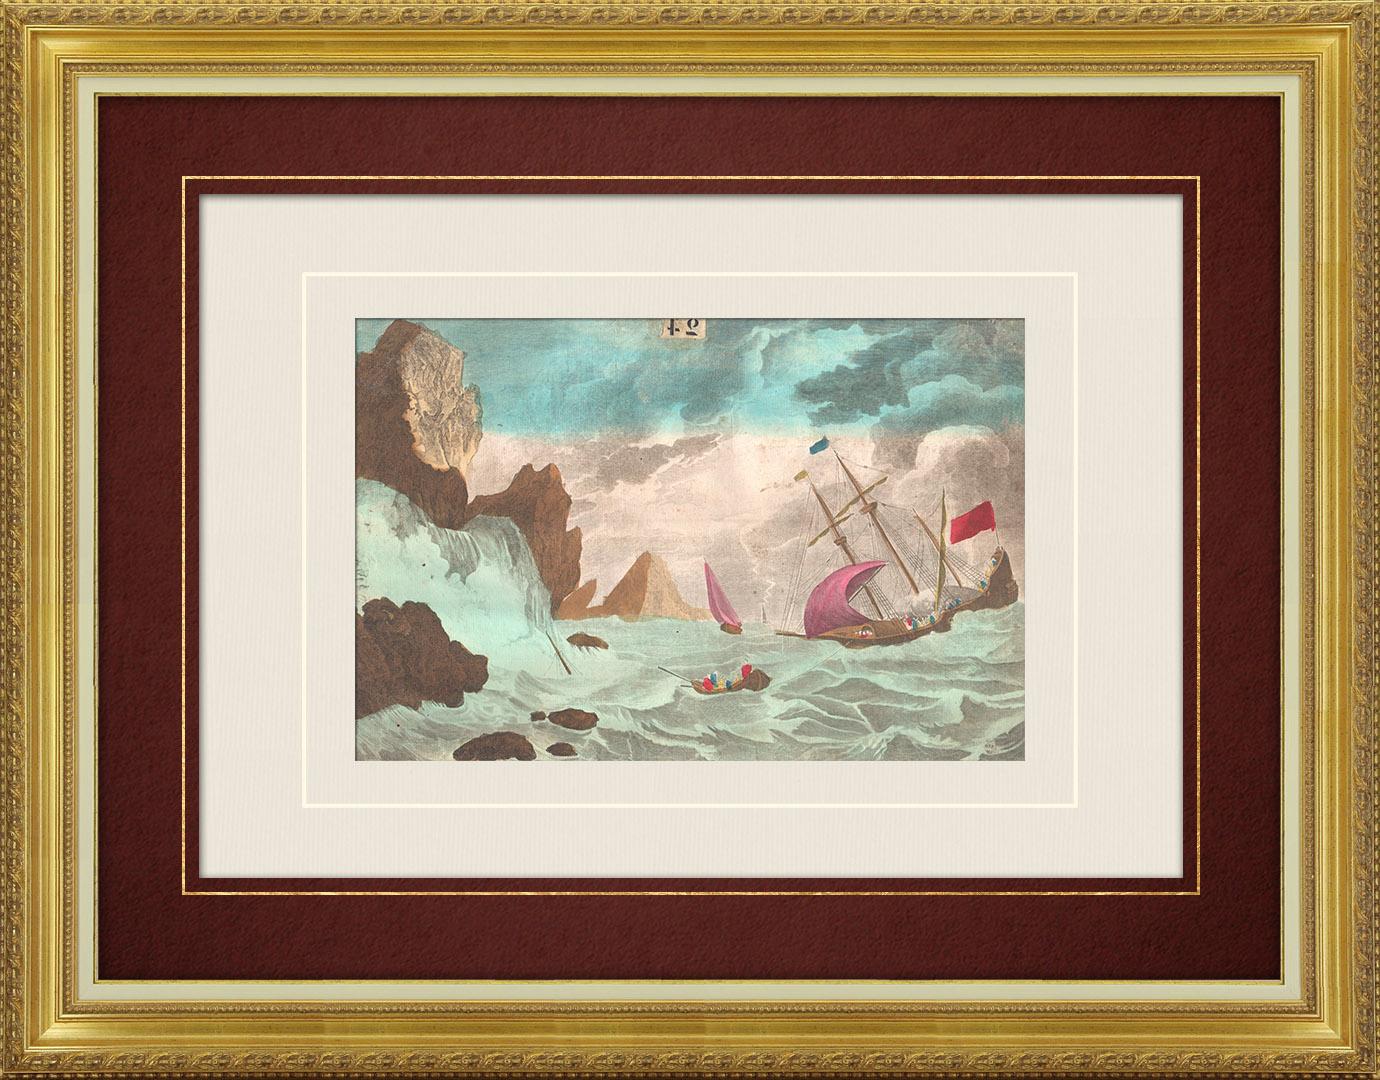 Vue d'optique du 18e siècle en coloris d'époque du Naufrage d'un voilier